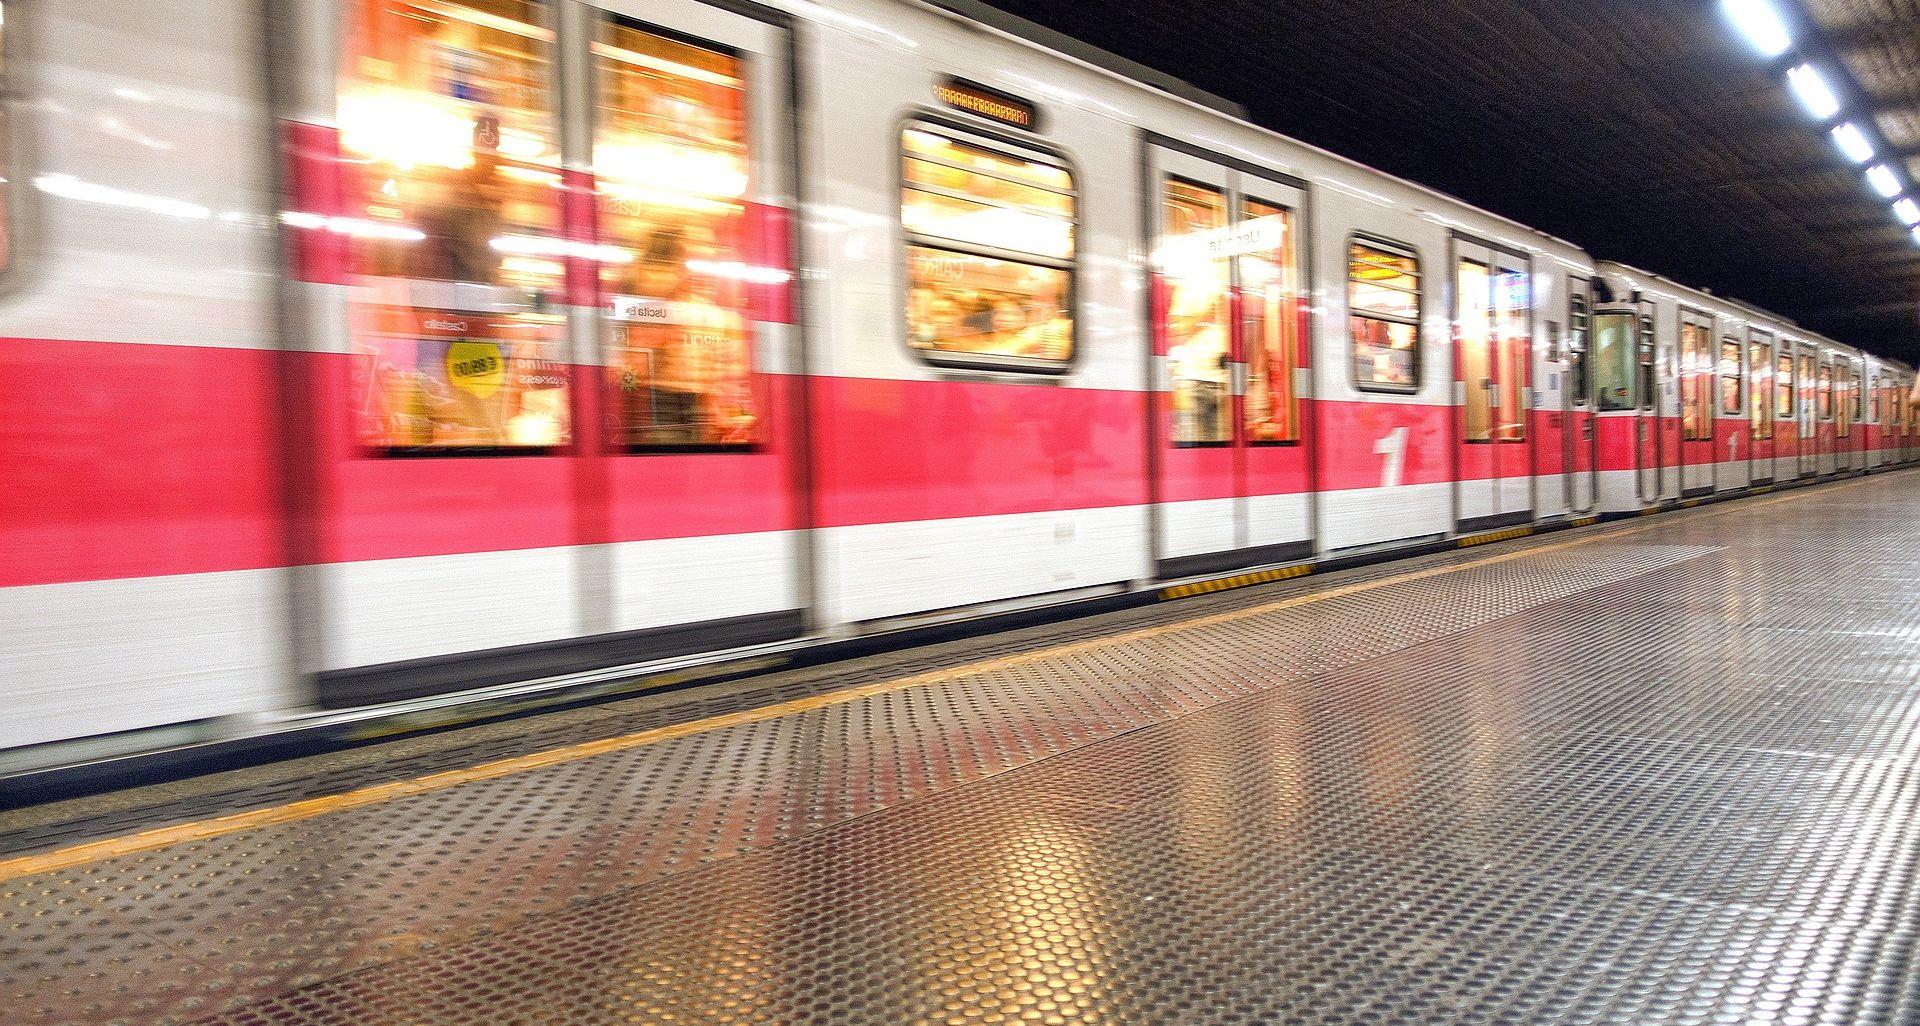 PANIKA U MILANU Samo nekoliko sati prije finala LP, u metrou pronađen sumnjiv paket